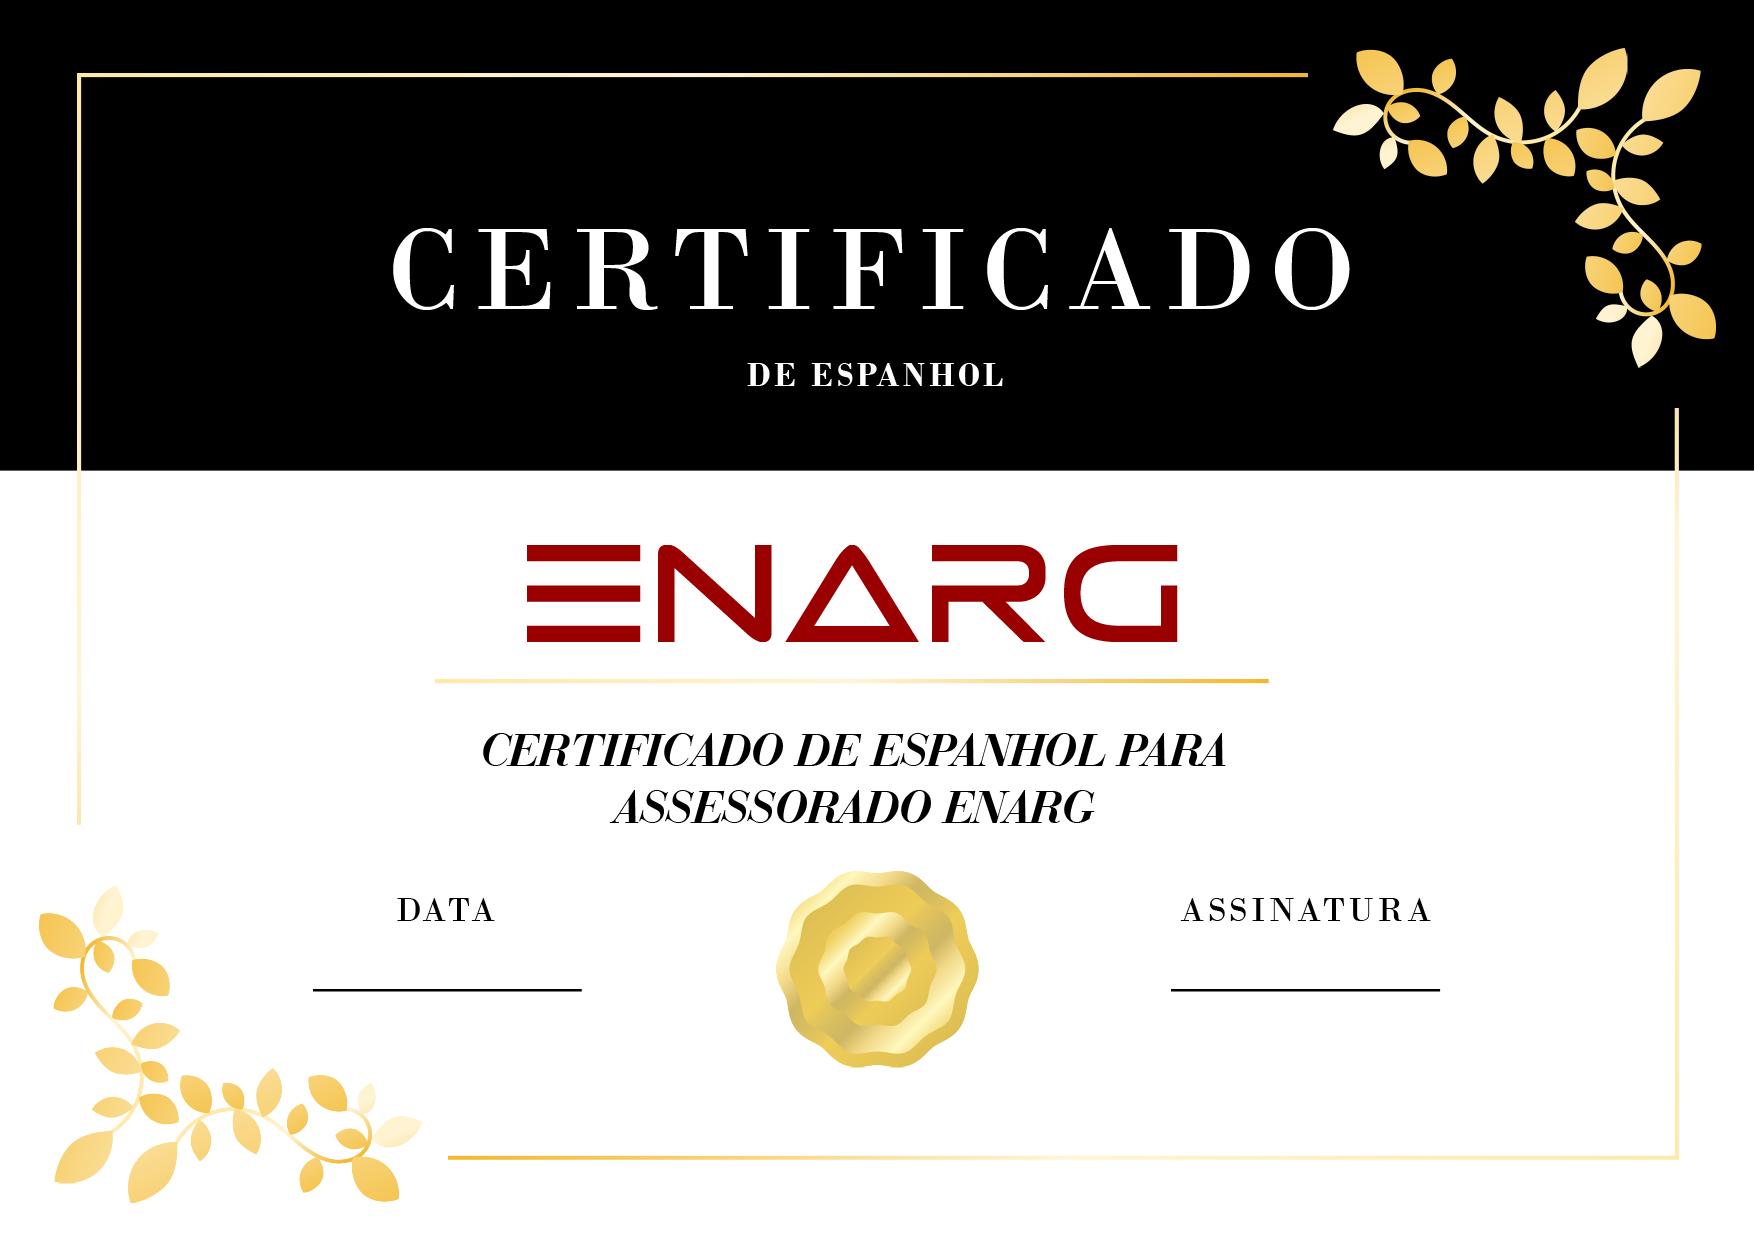 CERTIFICADO DE ESPANHOL 01 - Certificados de Proficiência em Espanhol